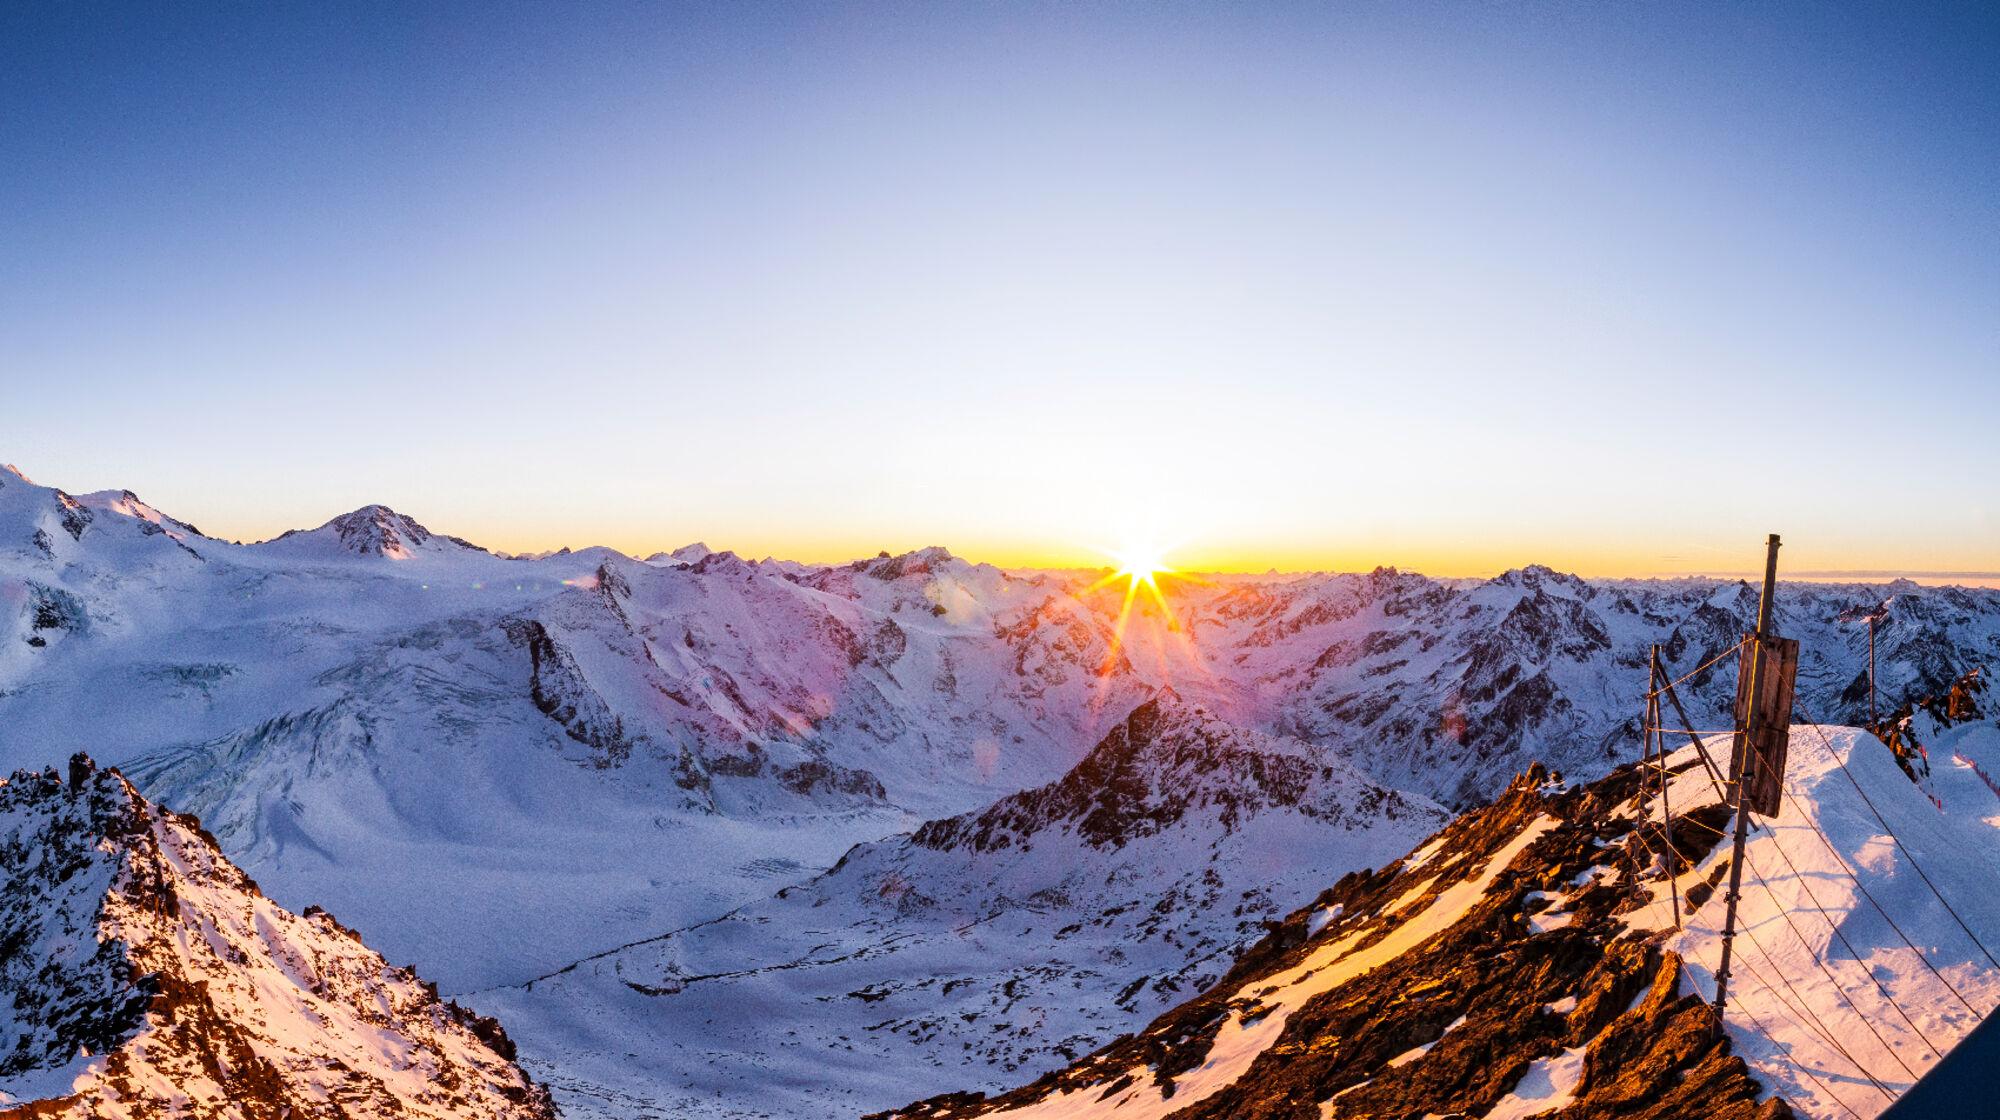 Sonnenuntergang am Pitztaler Gletscher